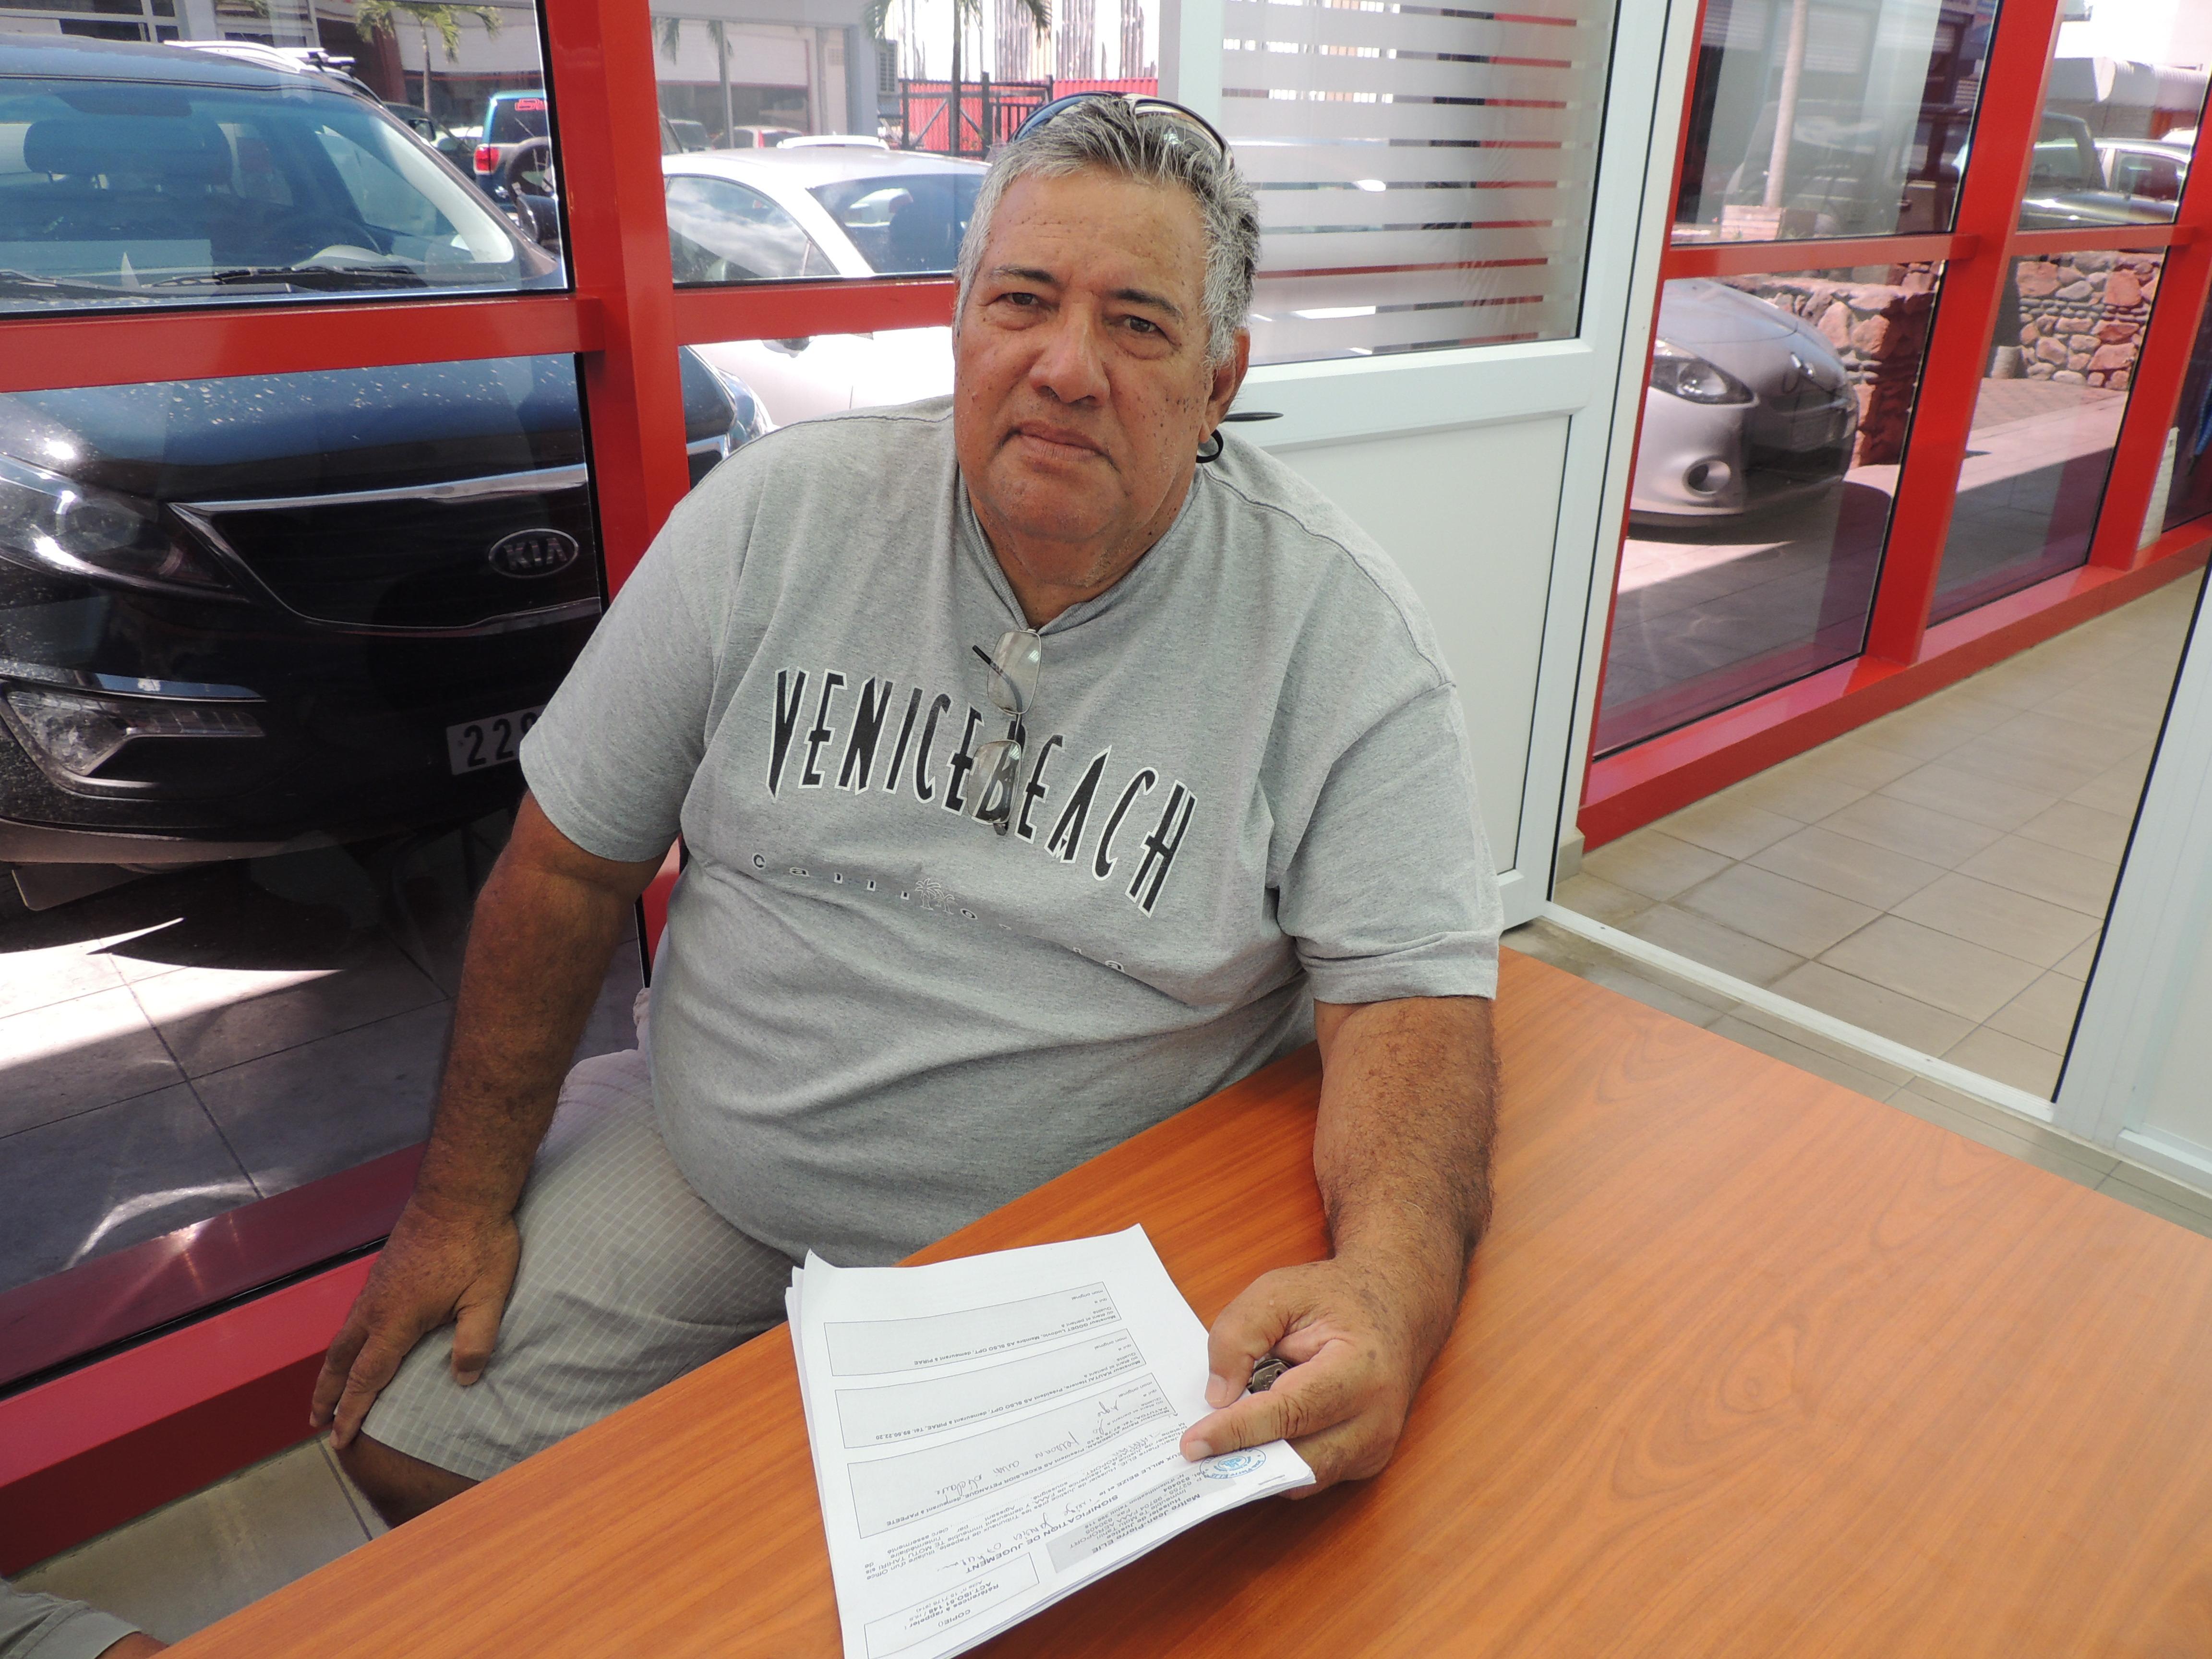 Rémy Aumeran a été signifié ce mercredi matin de la décision de justice rendue le 23 décembre dernier